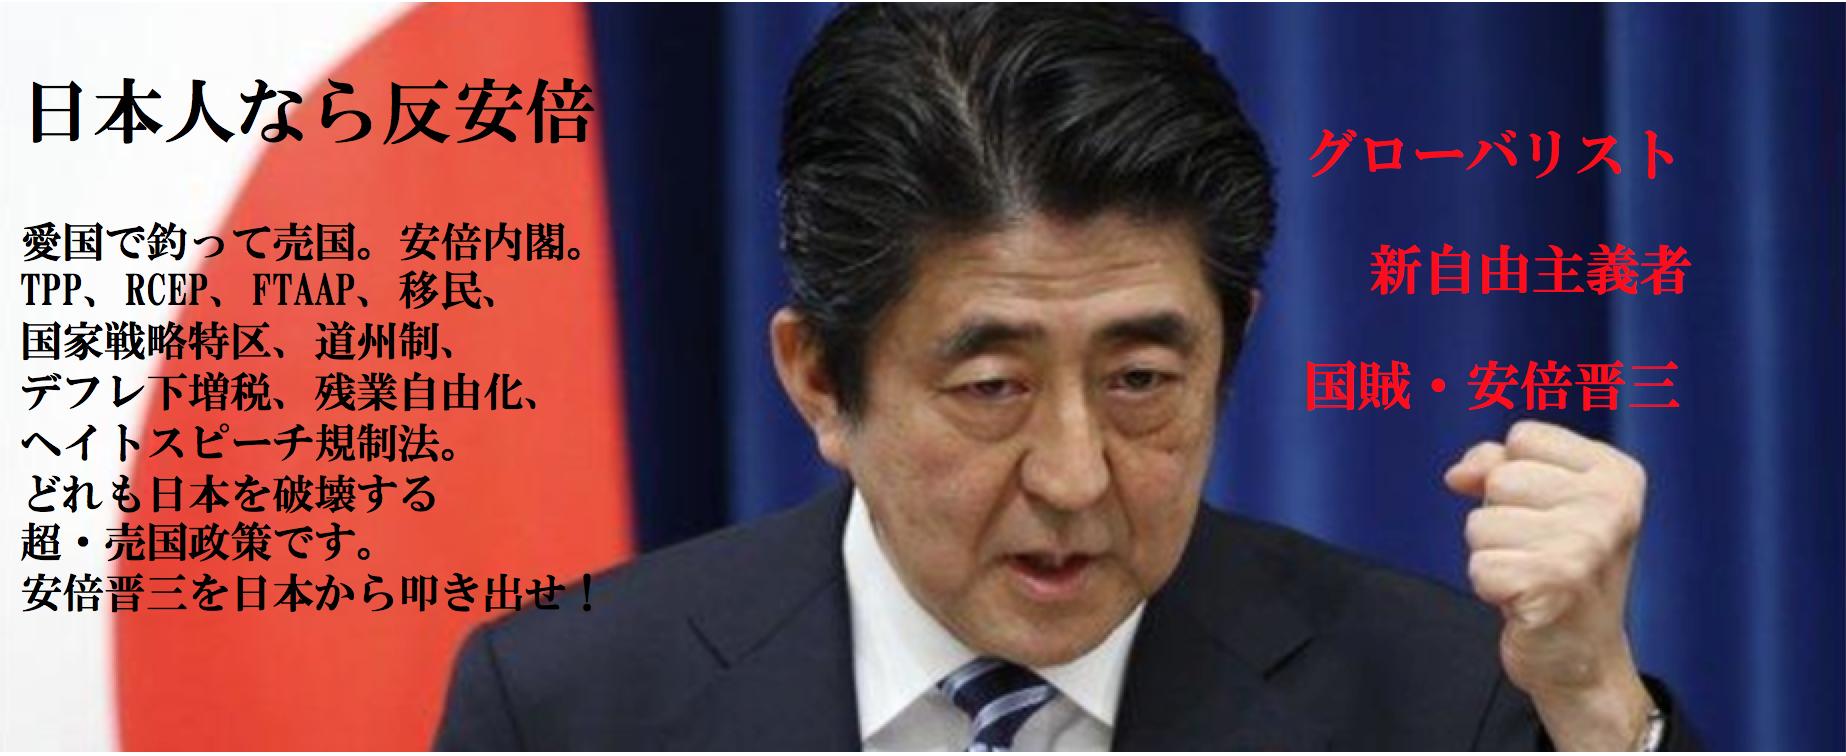 日本人なら反安倍FBバナー